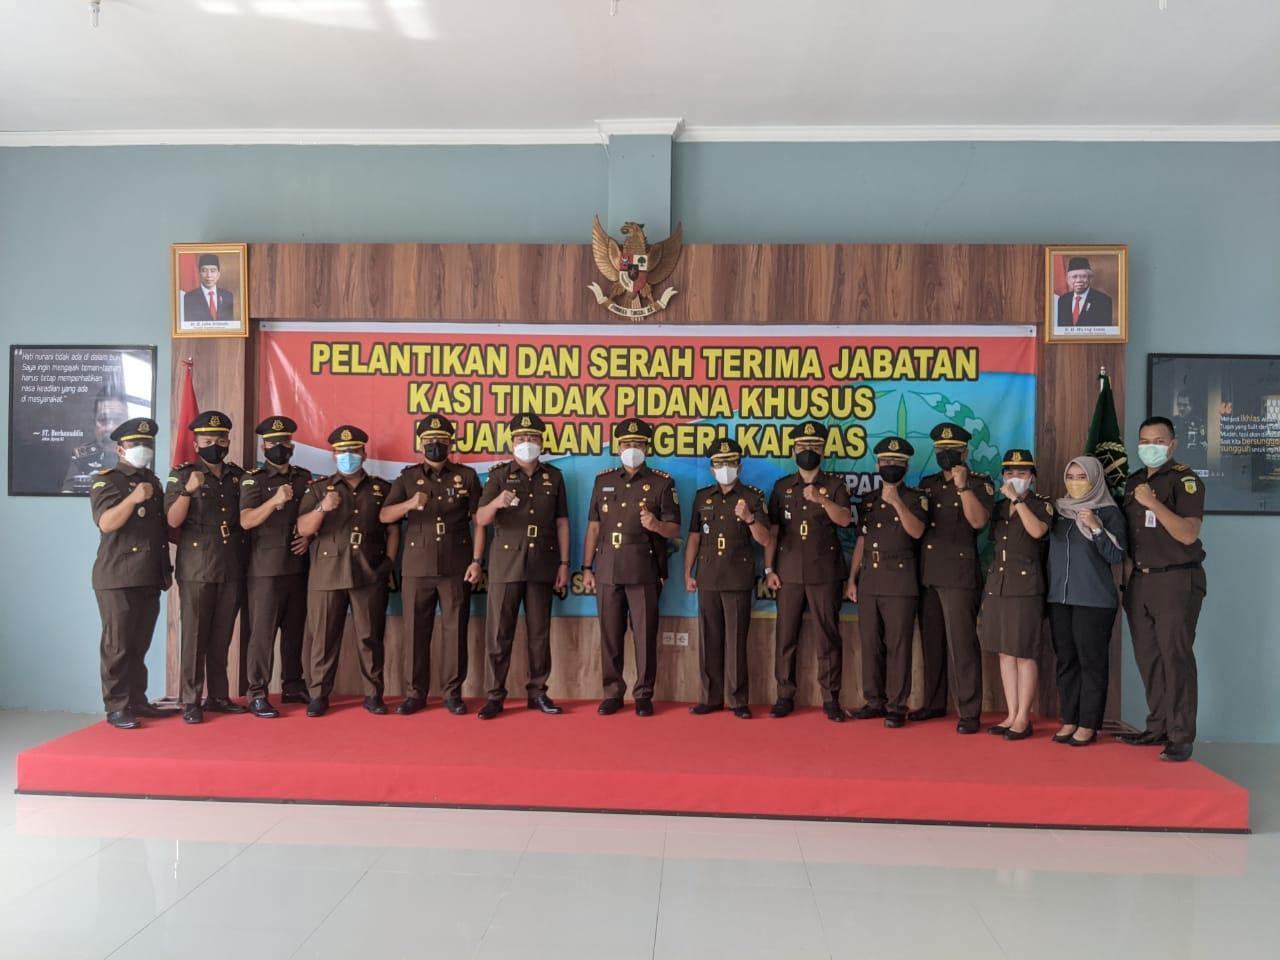 Kepala Kejaksaan Negeri Kapuas Arief Raharjo bersama Kasi Pidsus yang baru dan yang lama serta pegawai Kejari saat foto bersama